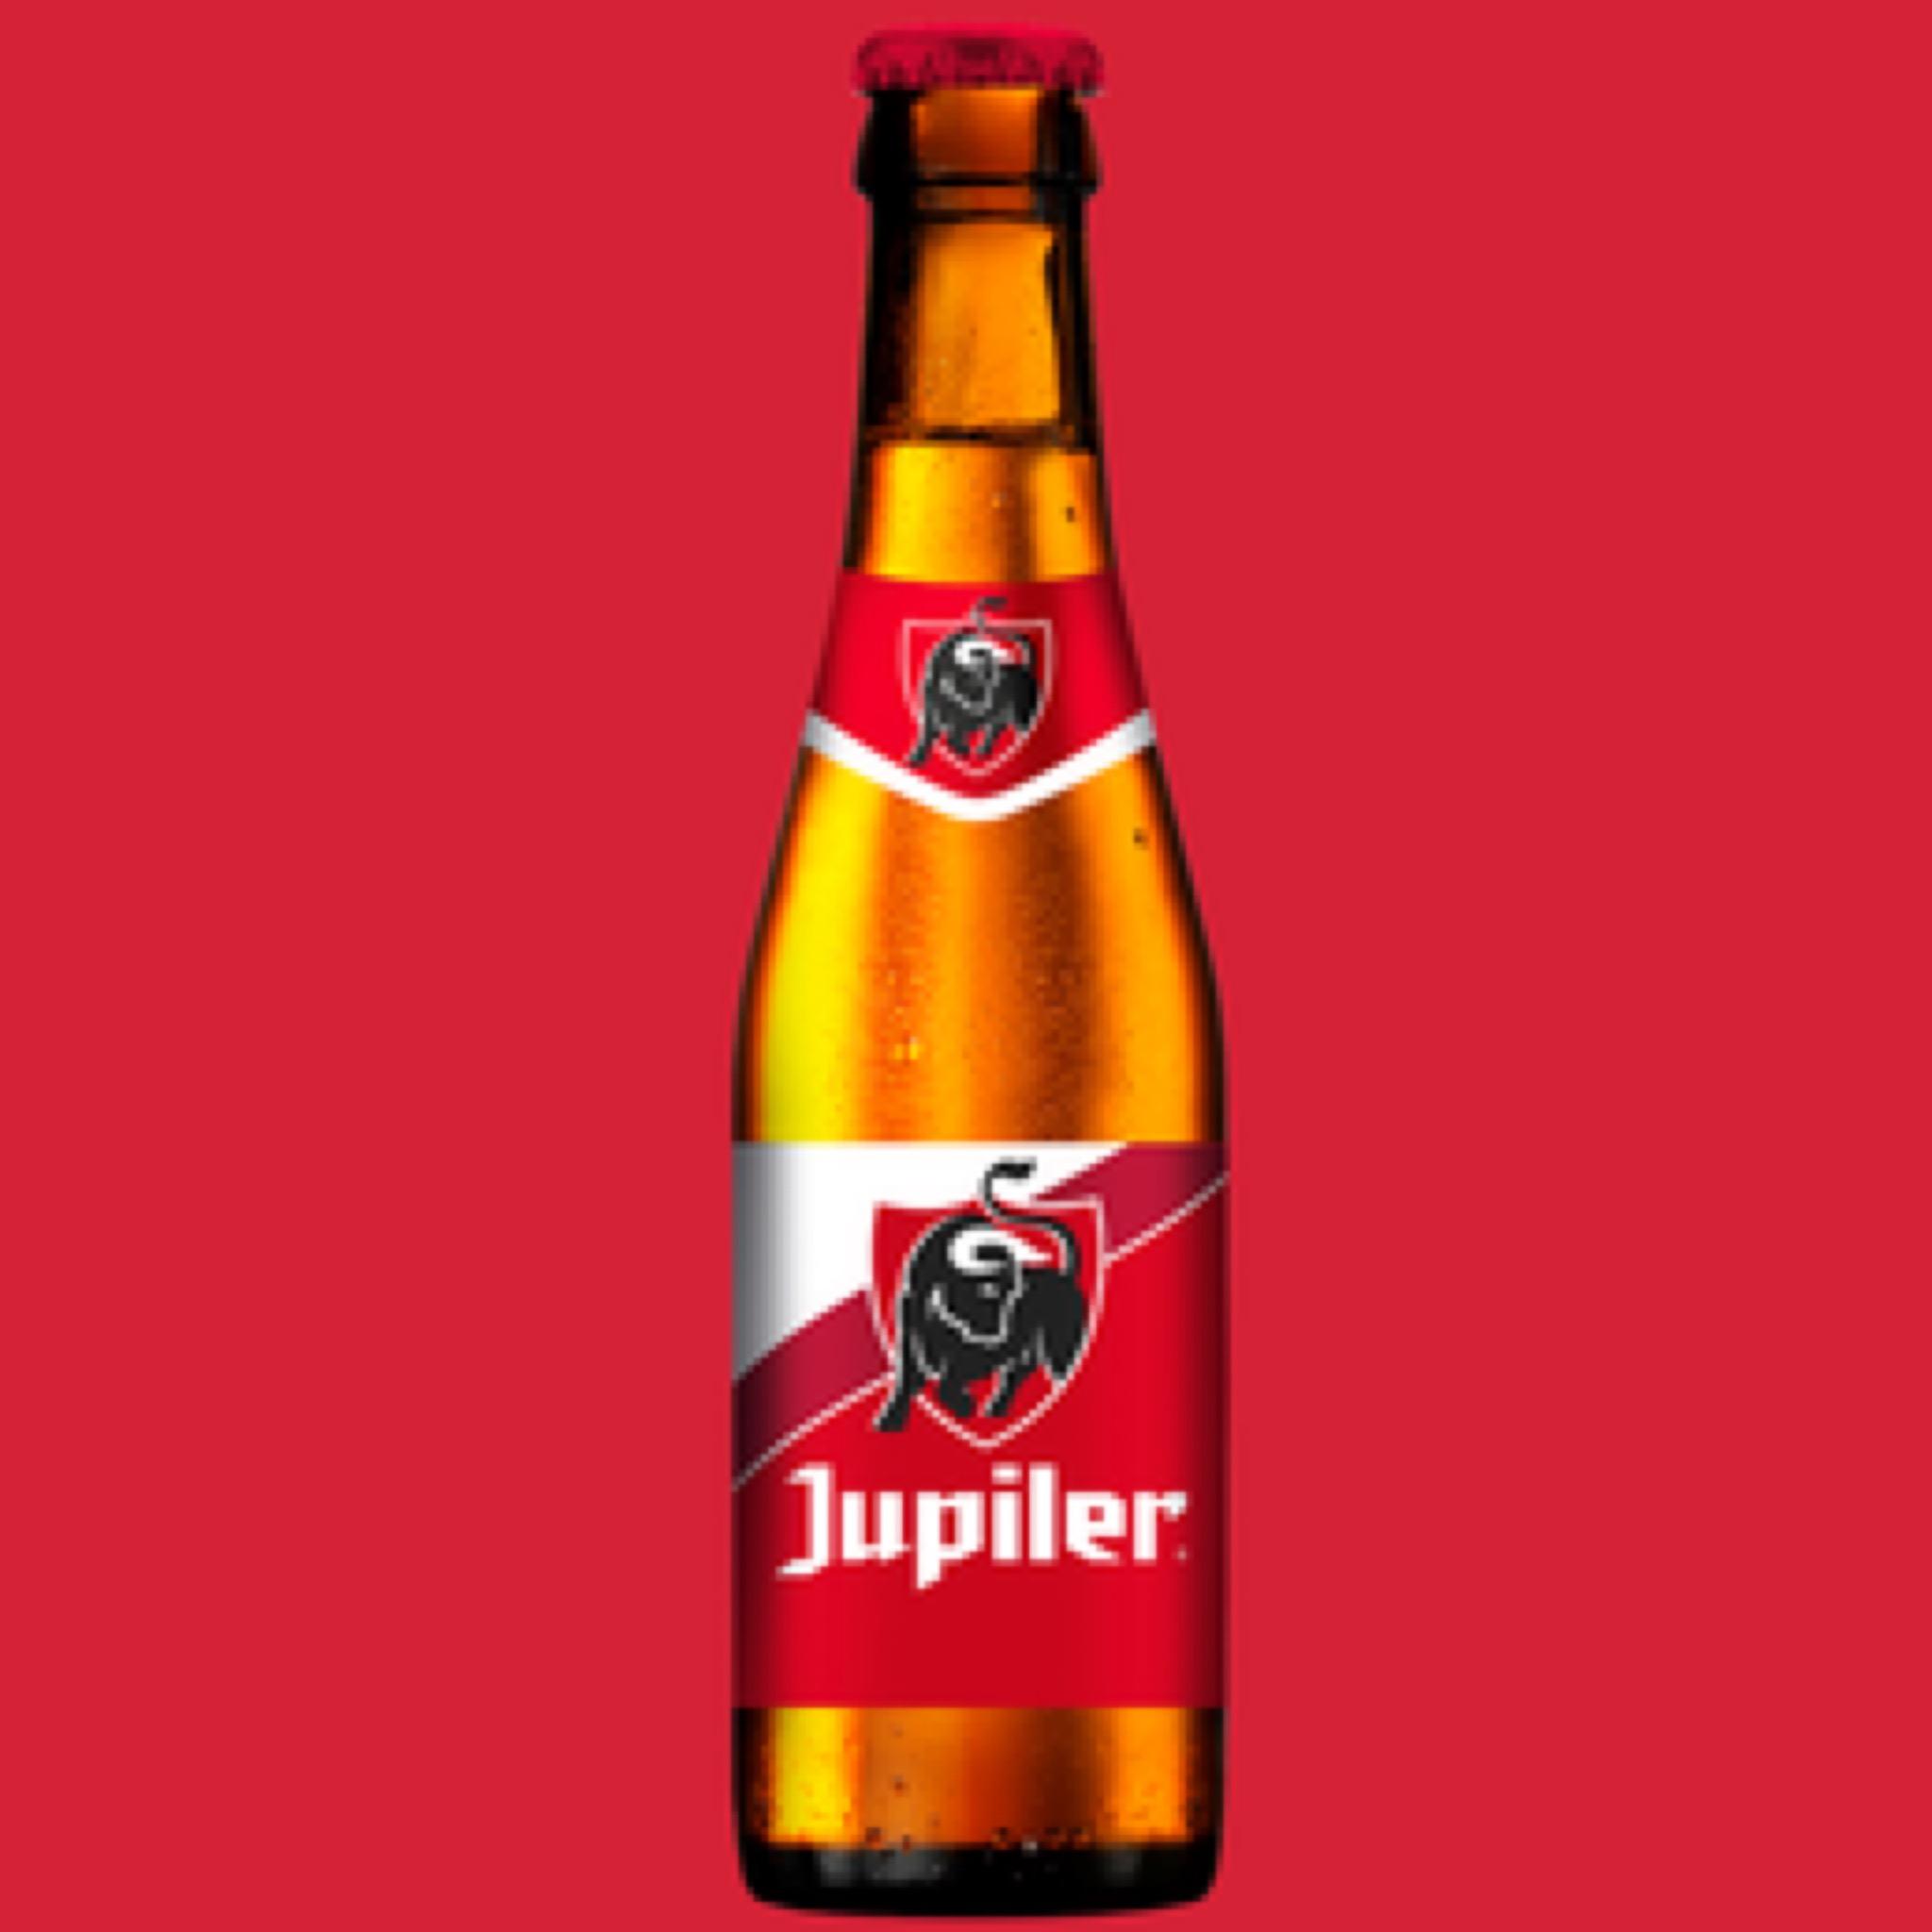 Jupiler Pils 5.2% 330ml